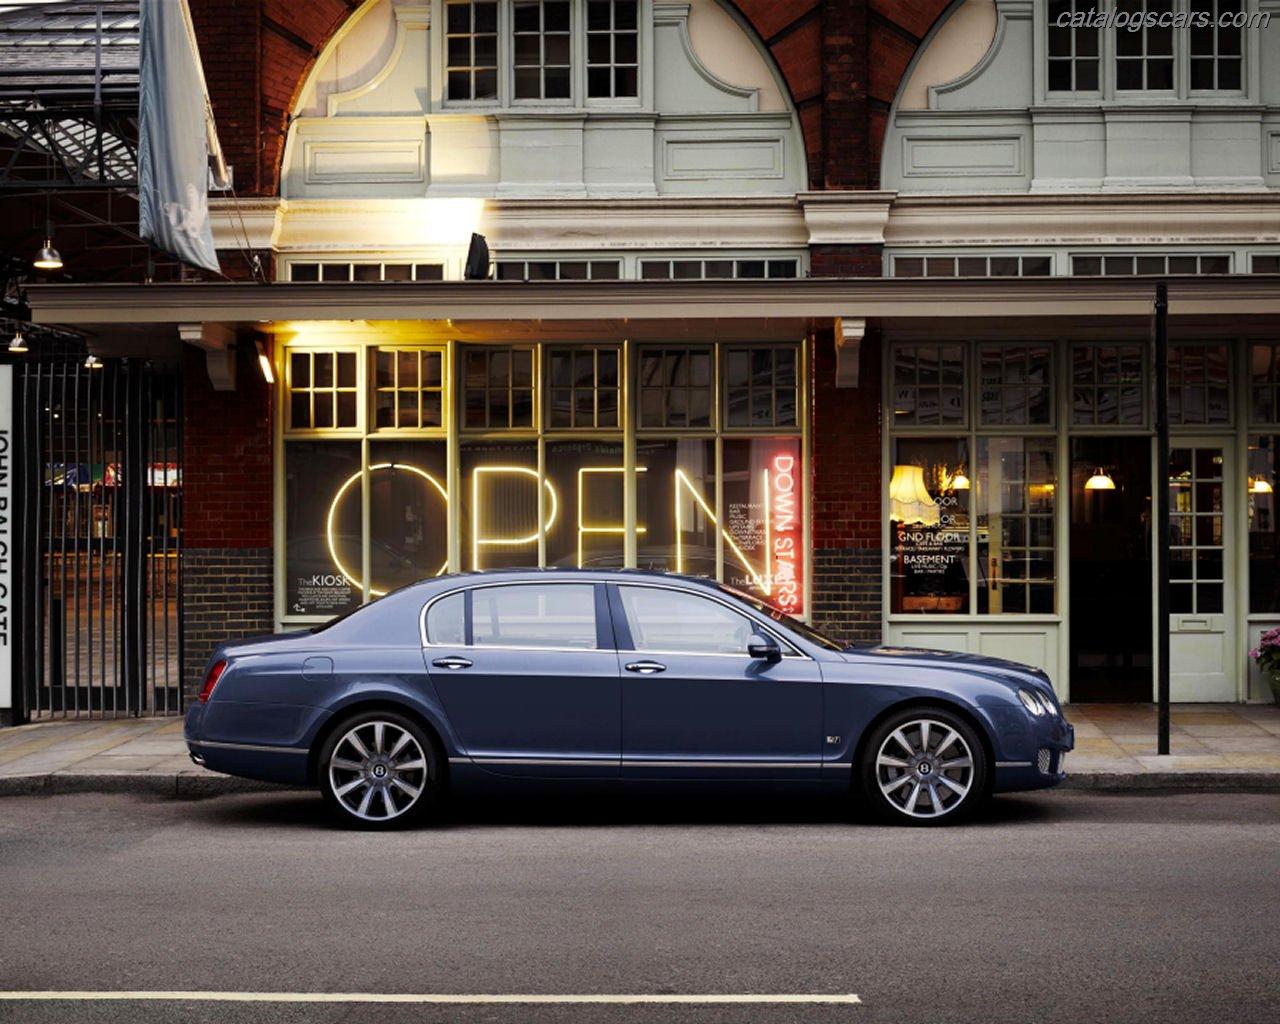 صور سيارة بنتلى كونتيننتال سيريس 51 2012 - اجمل خلفيات صور عربية بنتلى كونتيننتال سيريس 51 2012 - Bentley Continental Series 51 Photos Bentley-Continental-Series-51-2011-08.jpg